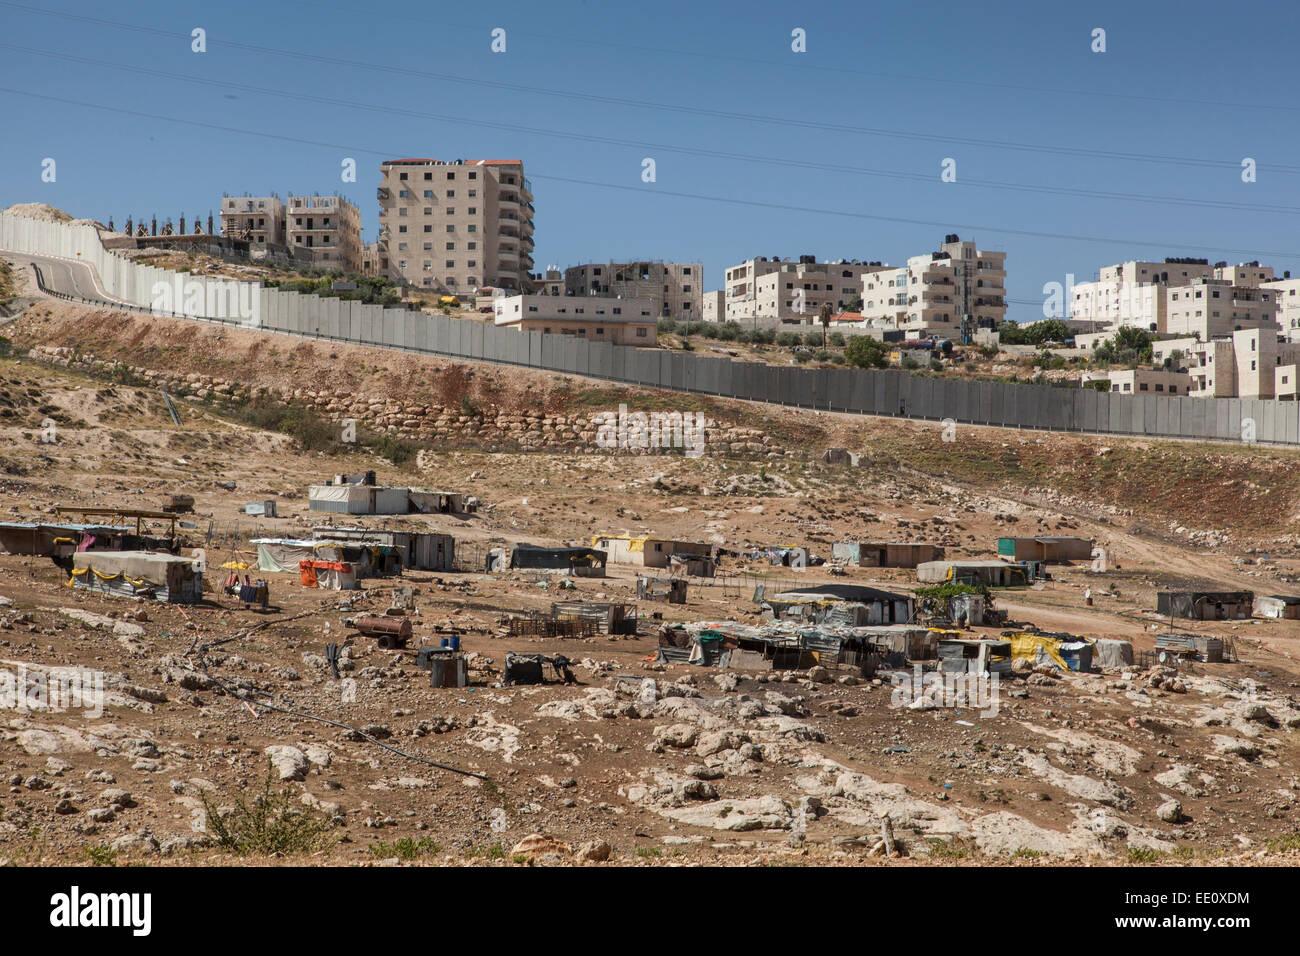 Separation barrier between East and West Jerusalem, Israel - Stock Image